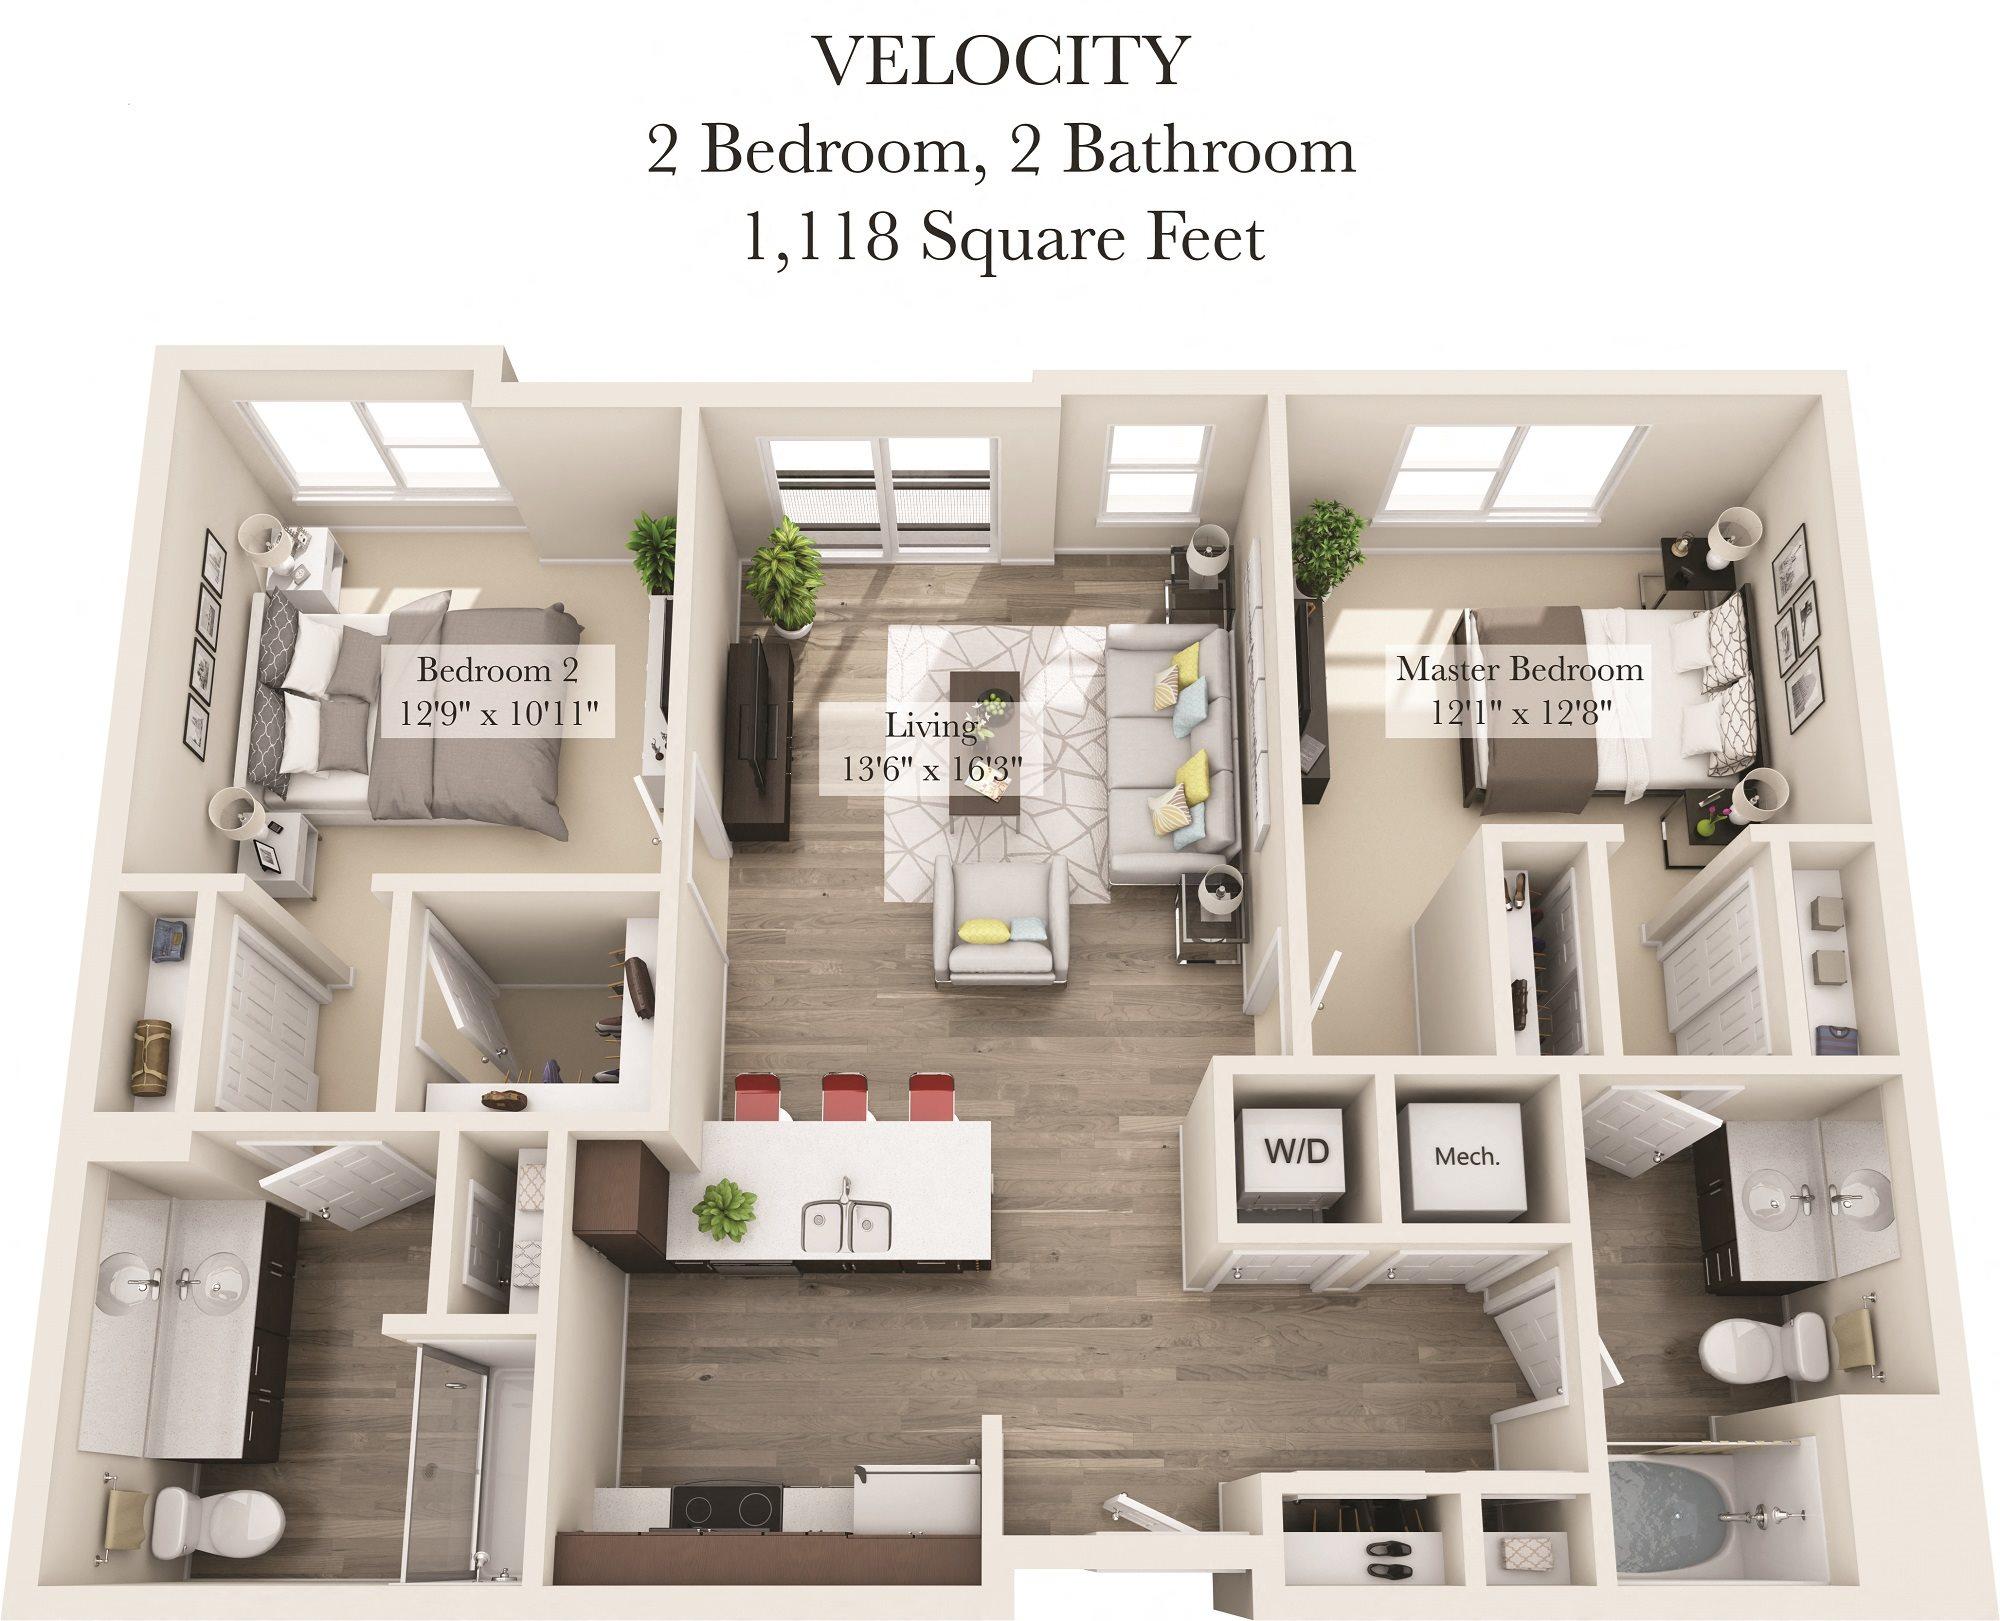 Velocity Floor Plan 8